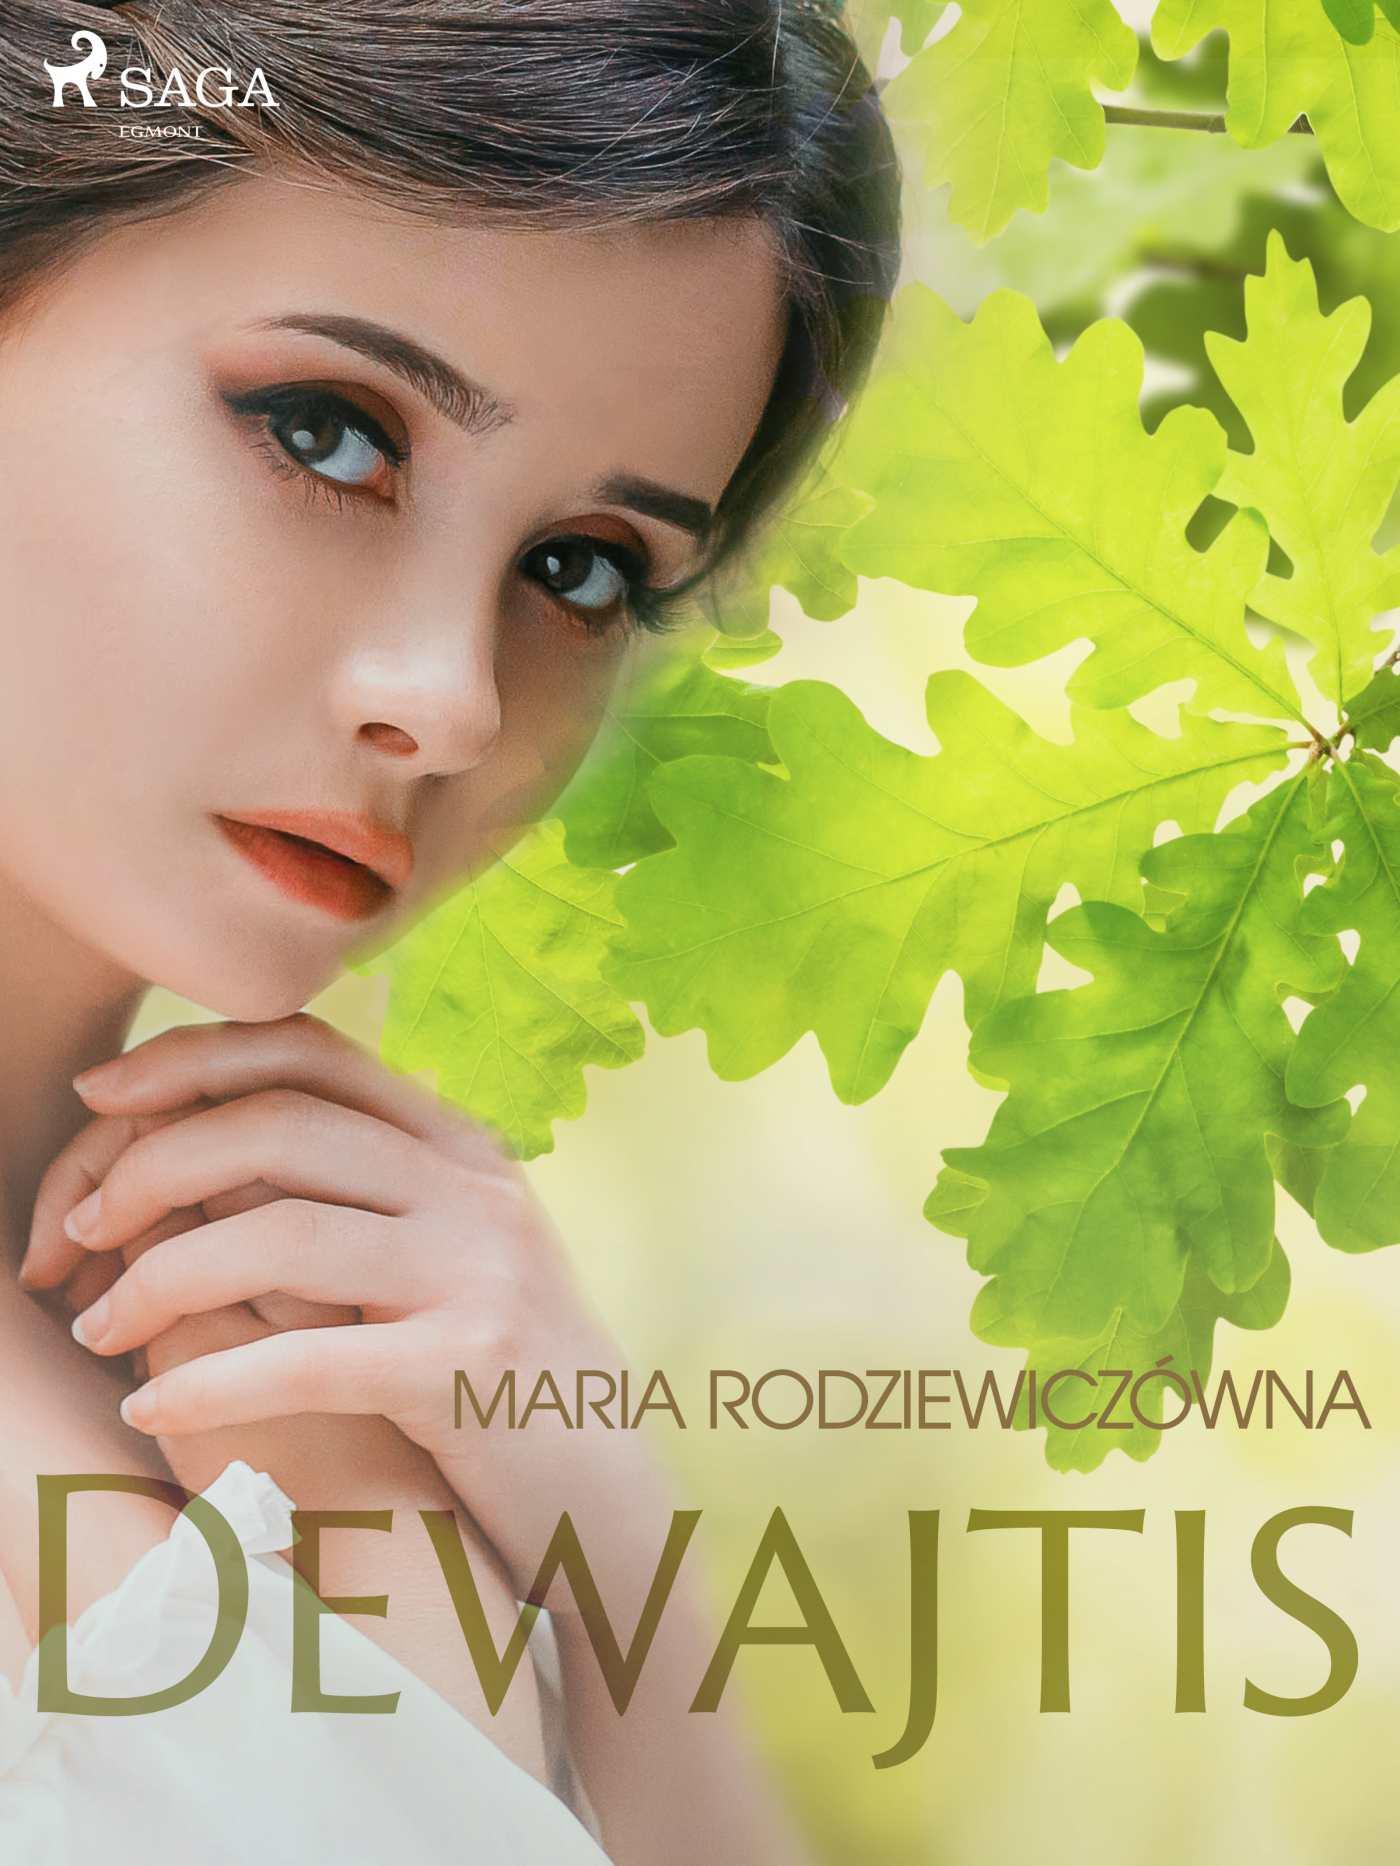 Dewajtis - Ebook (Książka EPUB) do pobrania w formacie EPUB